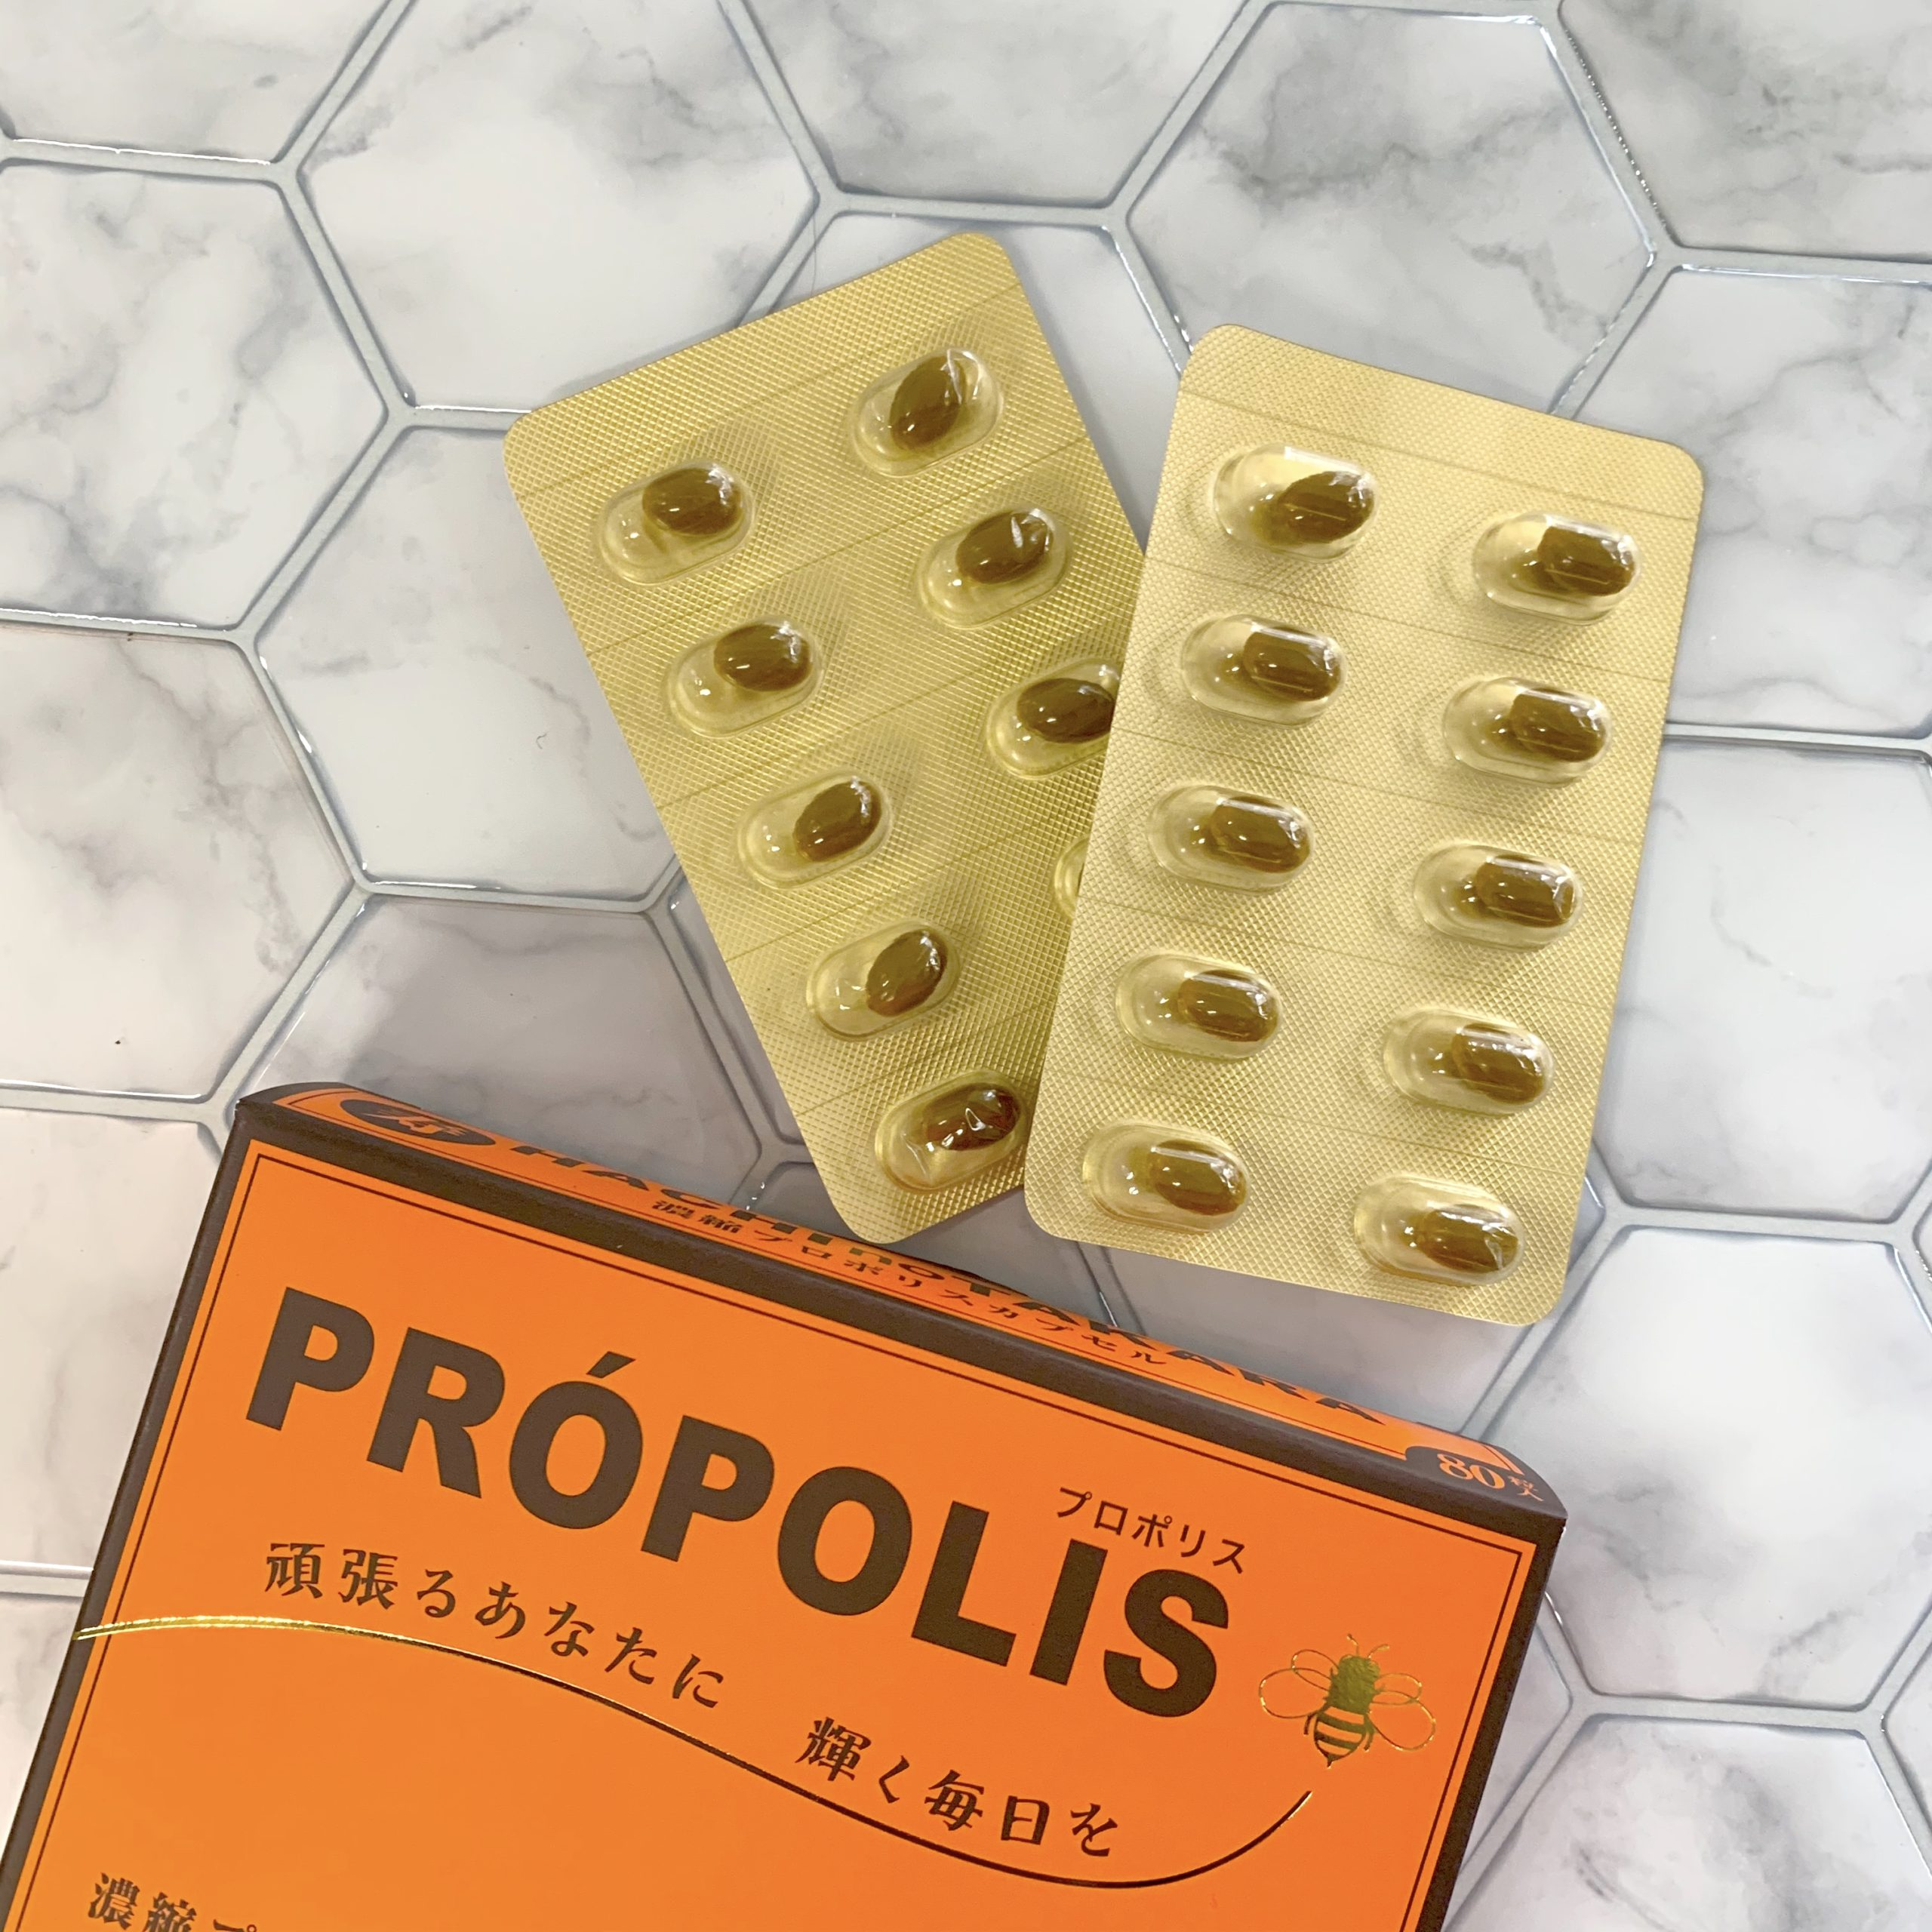 蜂の寿 プロポリス 濃縮プロポリスカプセル